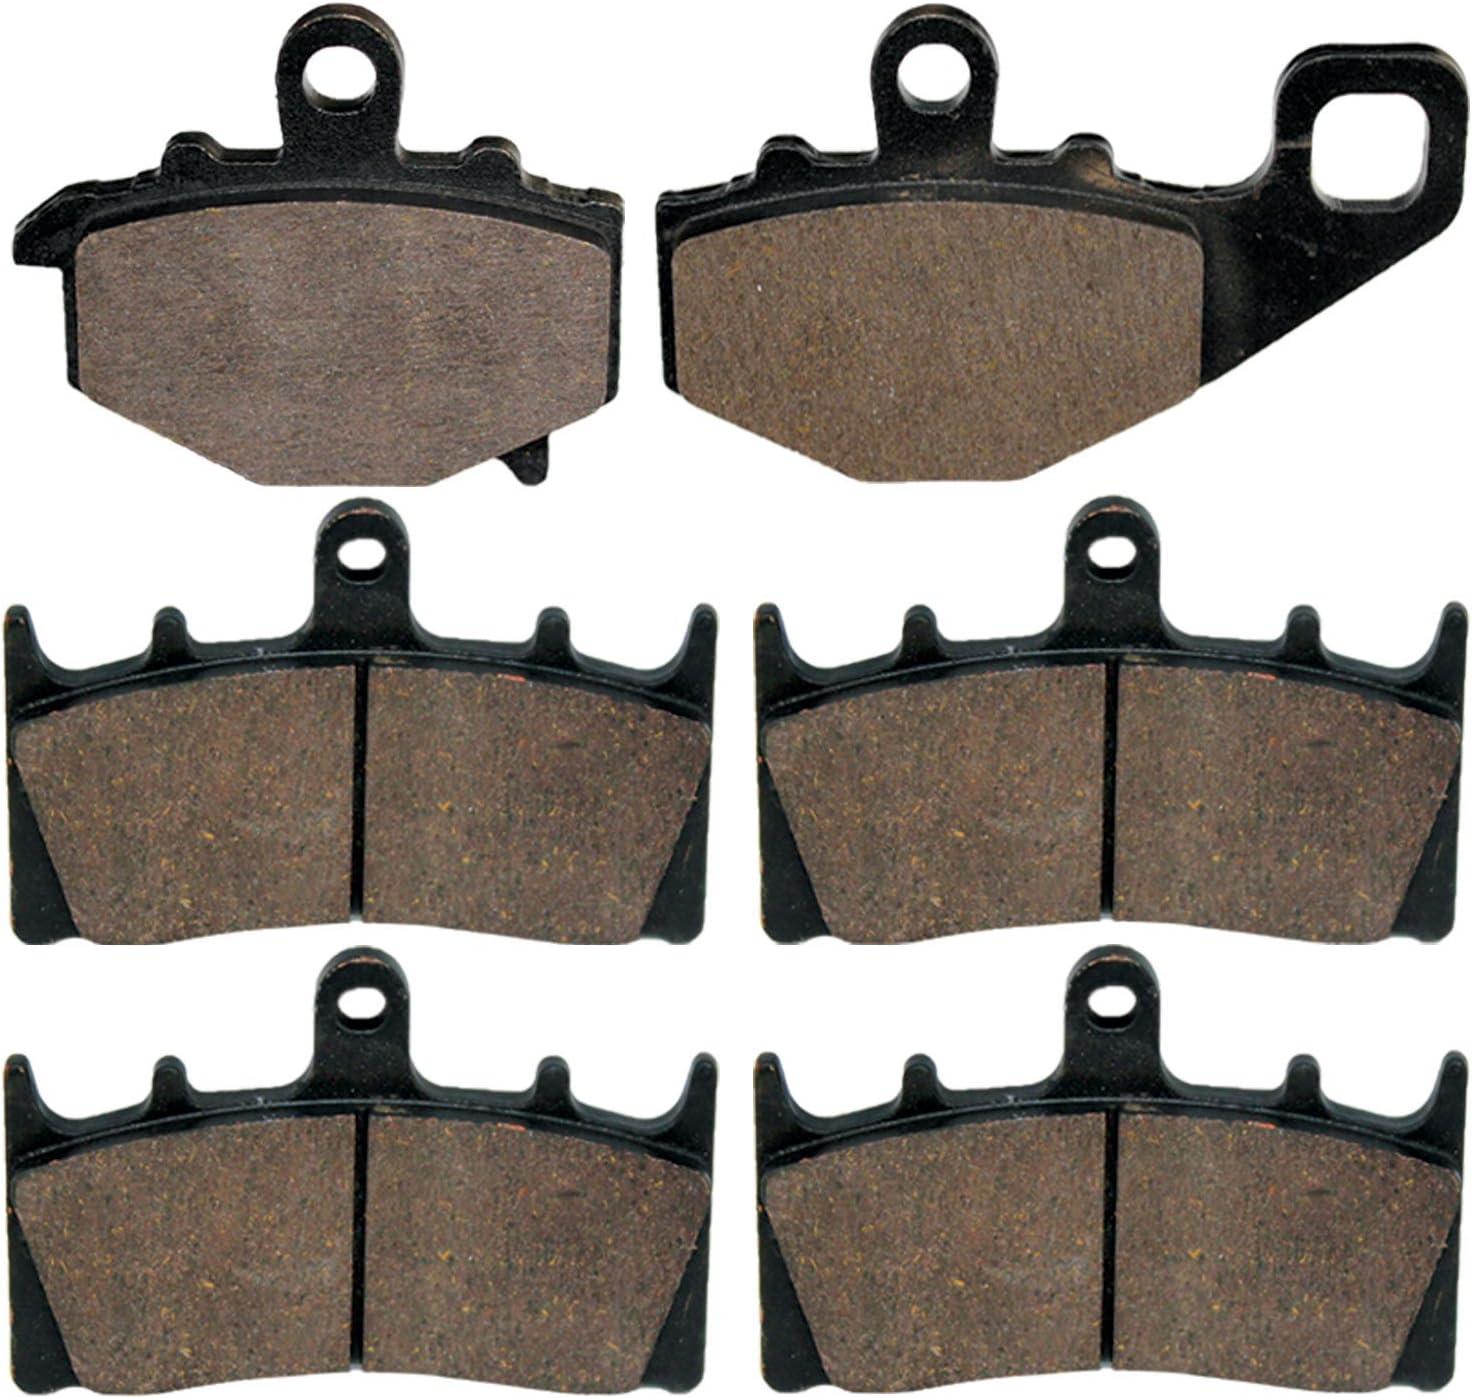 FRONT BRAKE PADS FITS KAWASAKI ZX600 NINJA ZX6R ZX-6R 1998-2002 FRONT PADS